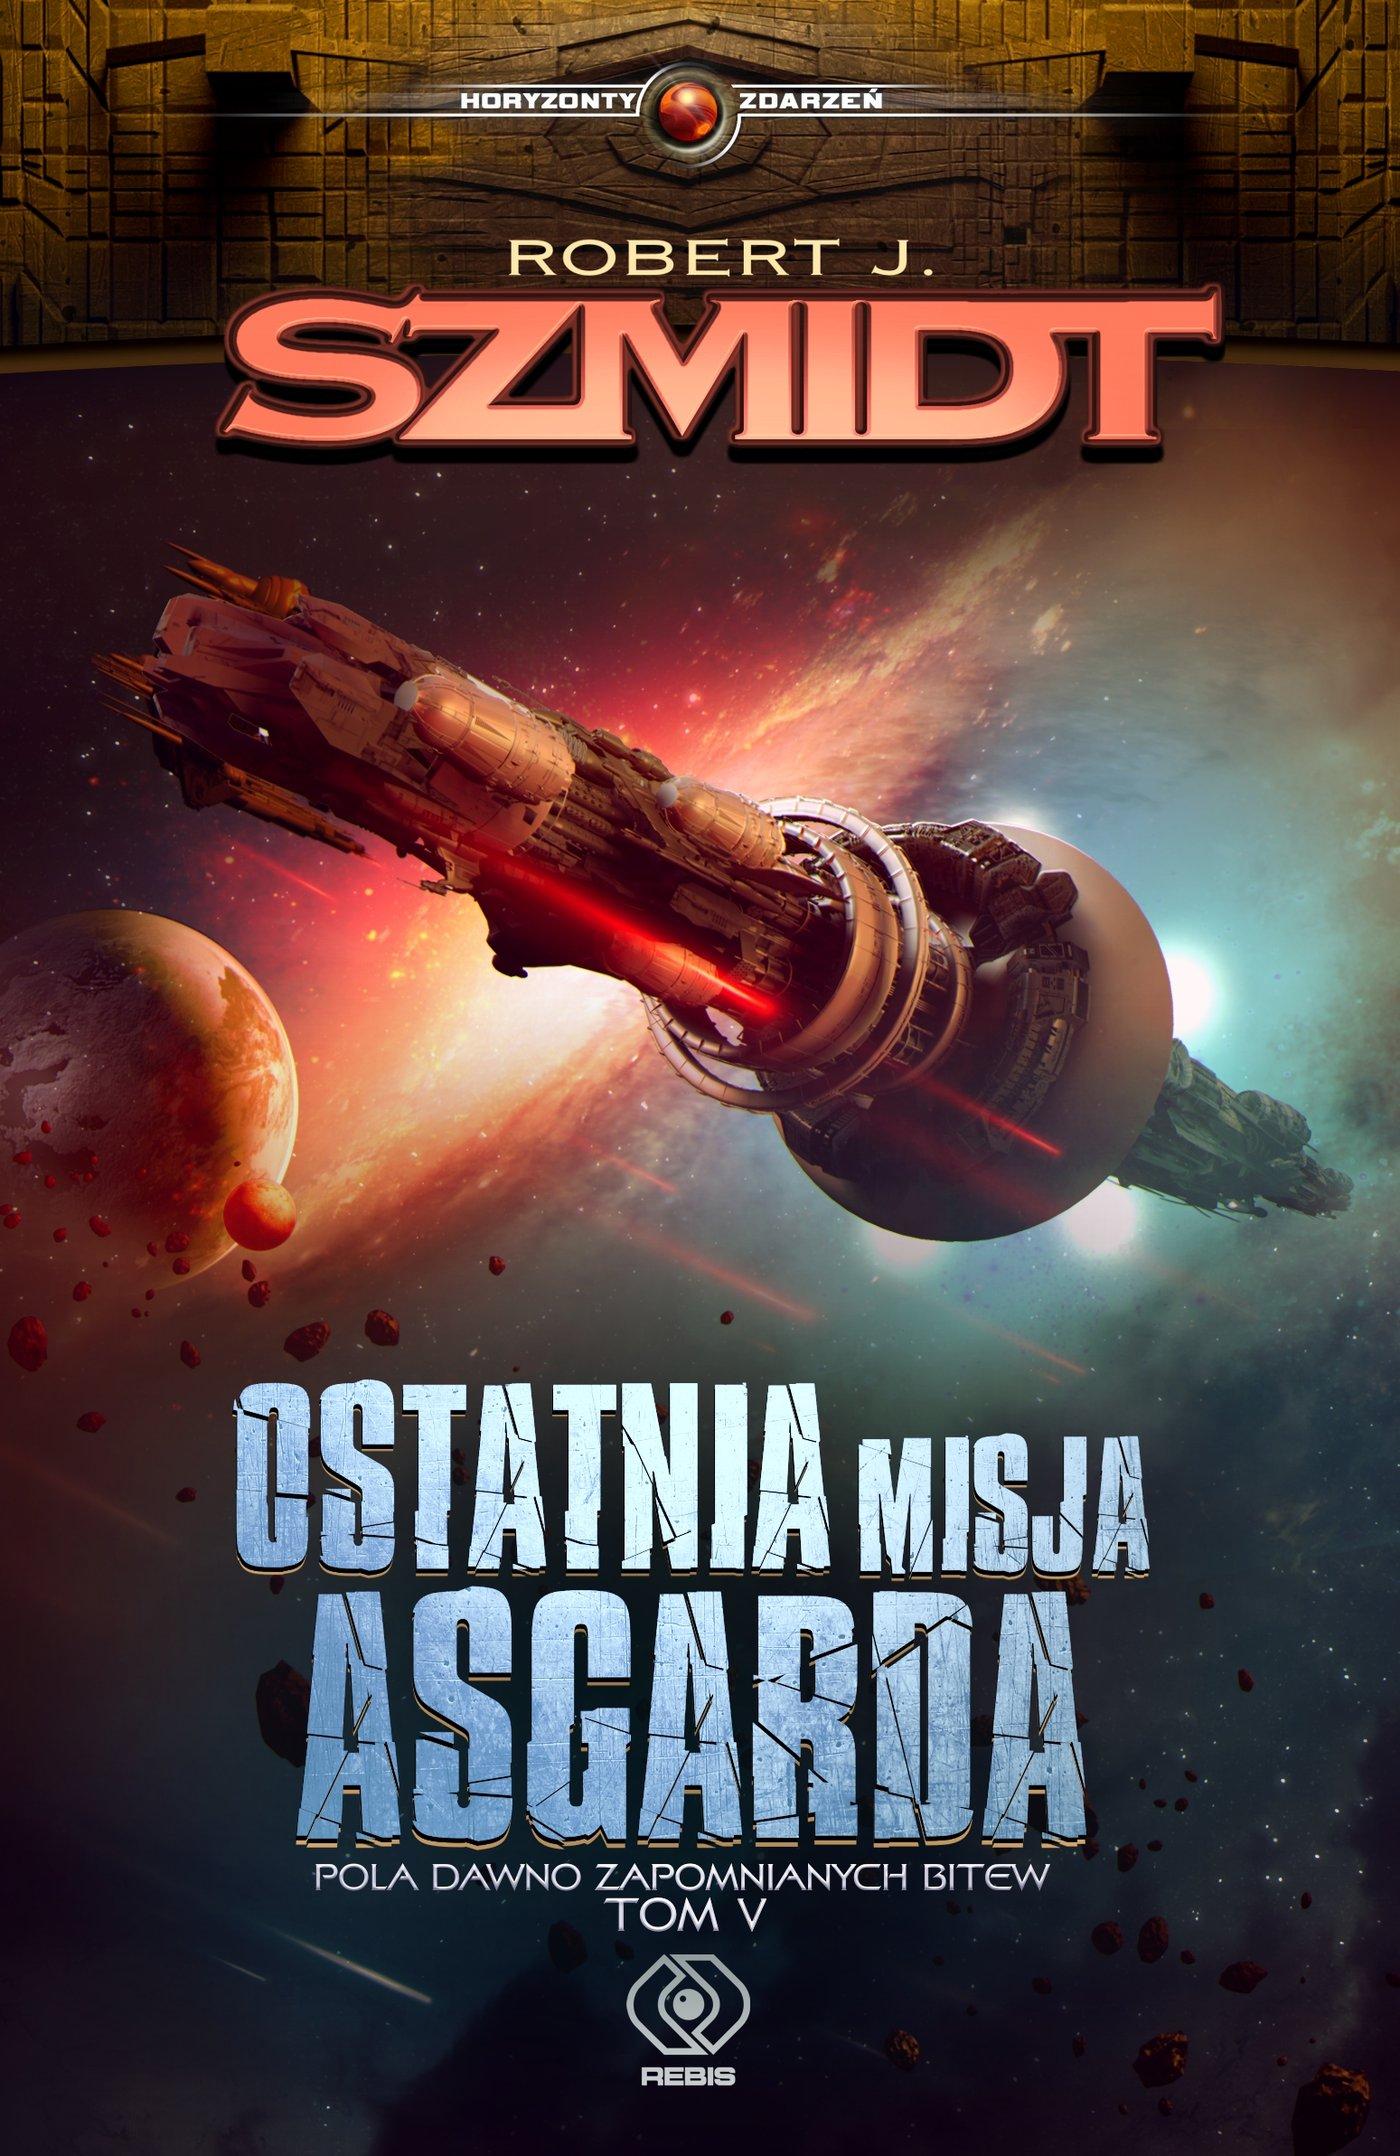 Ostatnia misja Asgarda - Ebook (Książka na Kindle) do pobrania w formacie MOBI